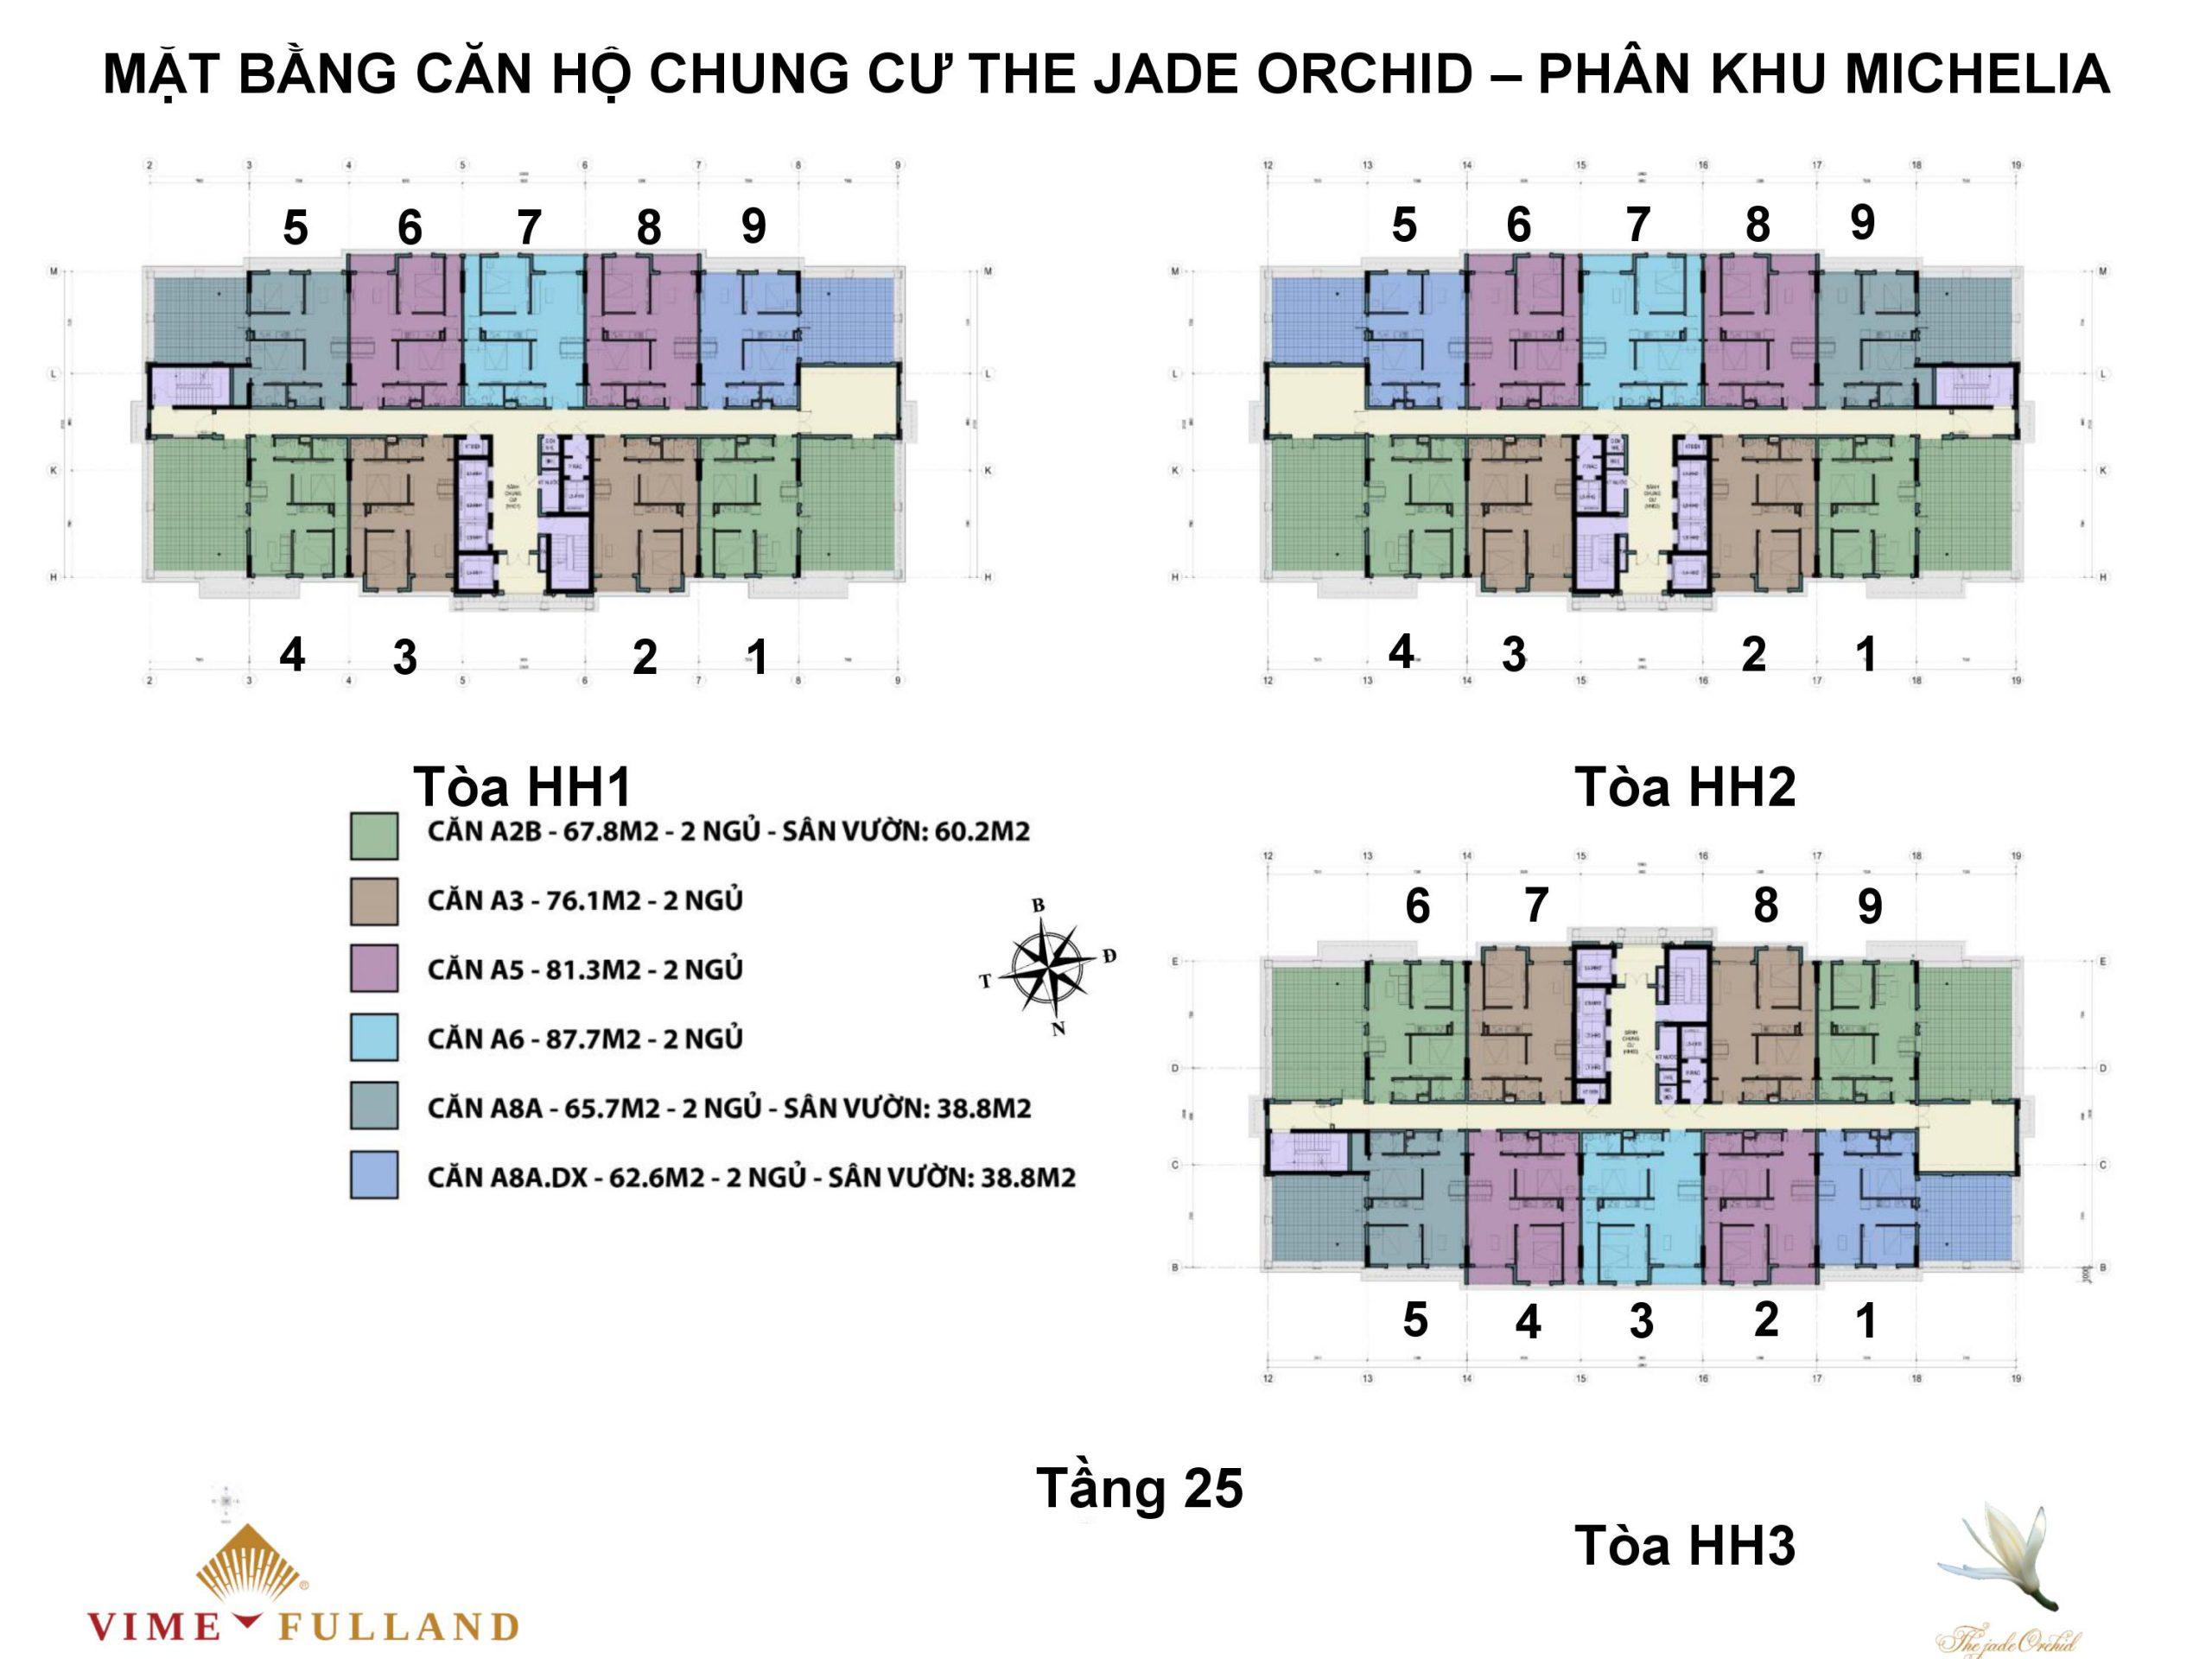 mặt bằng chung cư the jade orchi tầng 25